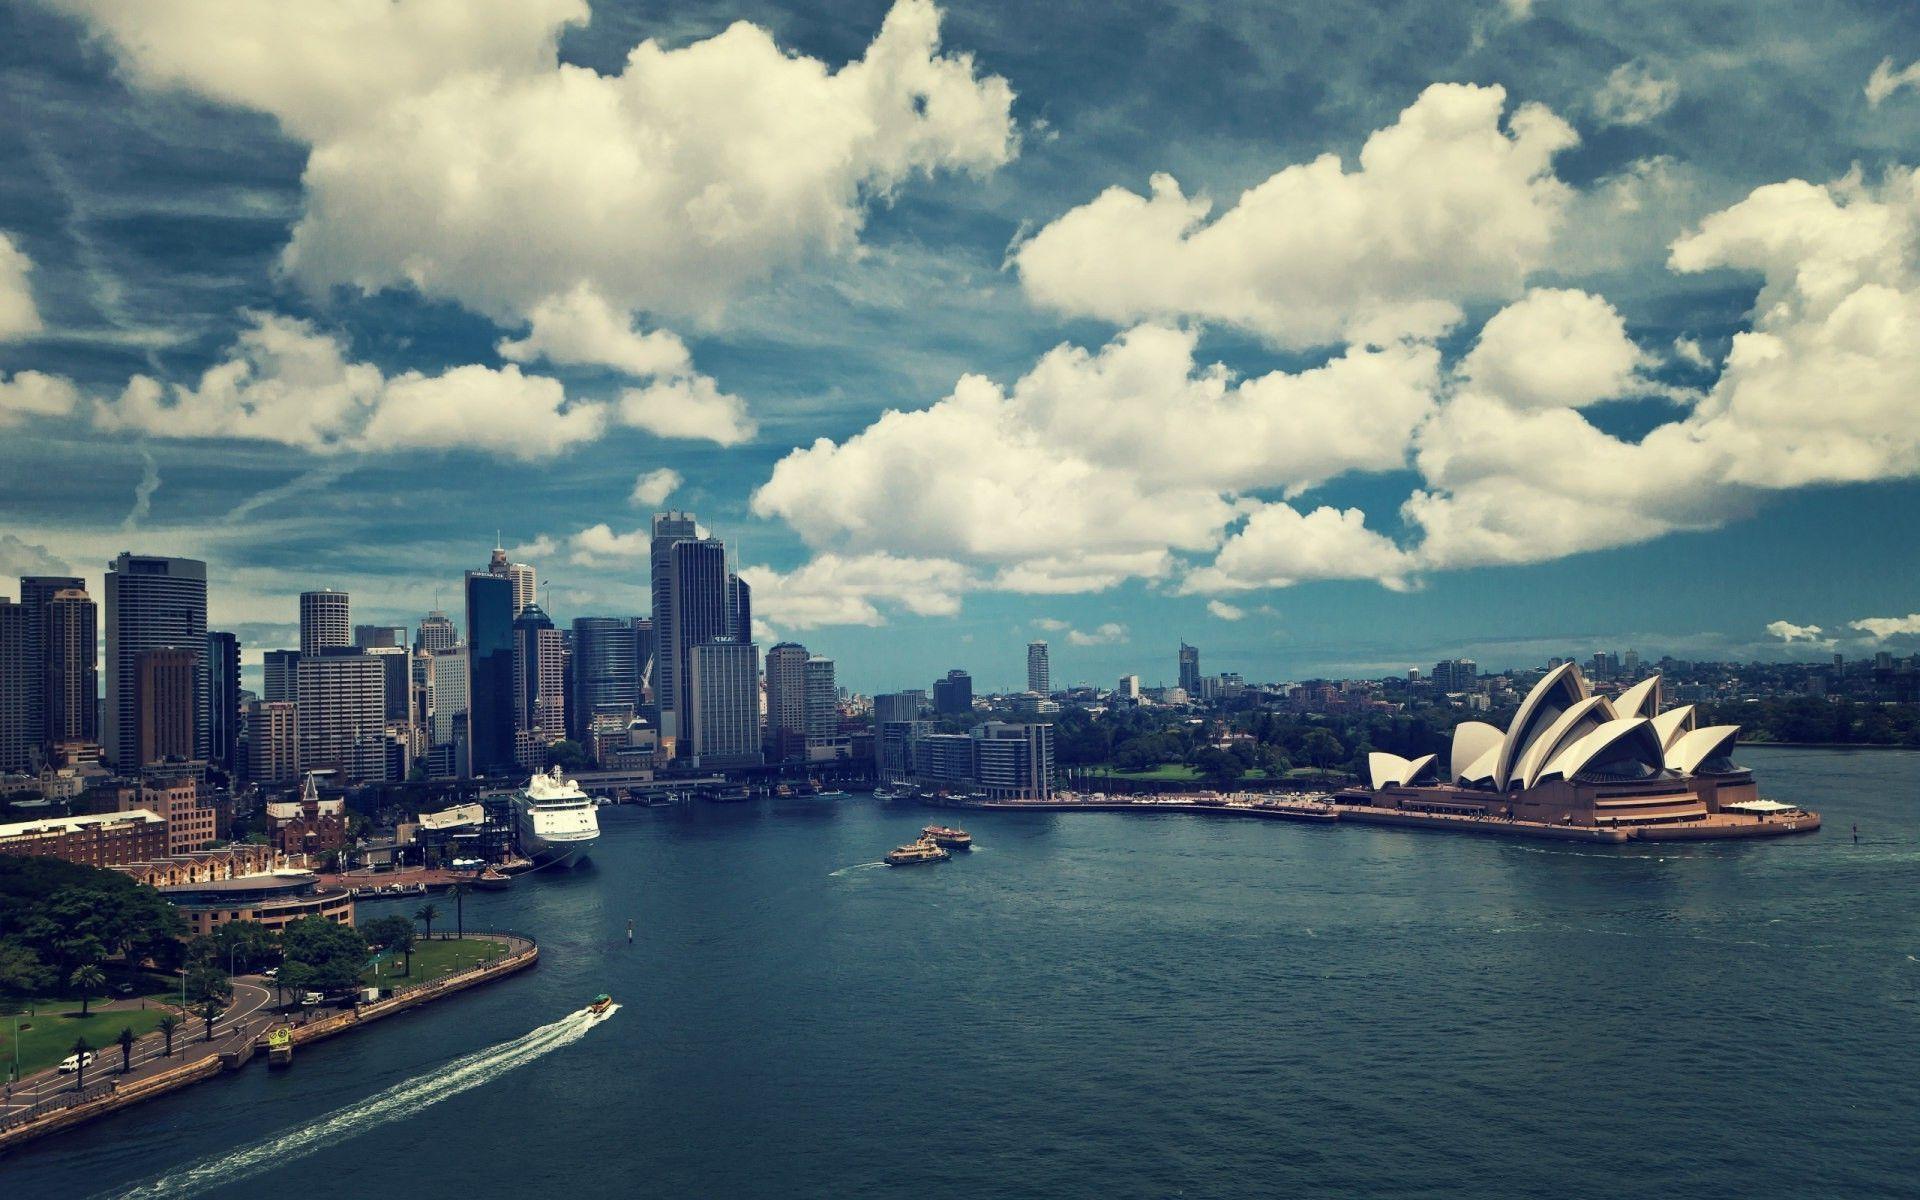 sydney escenario hd wallpapers - photo #6